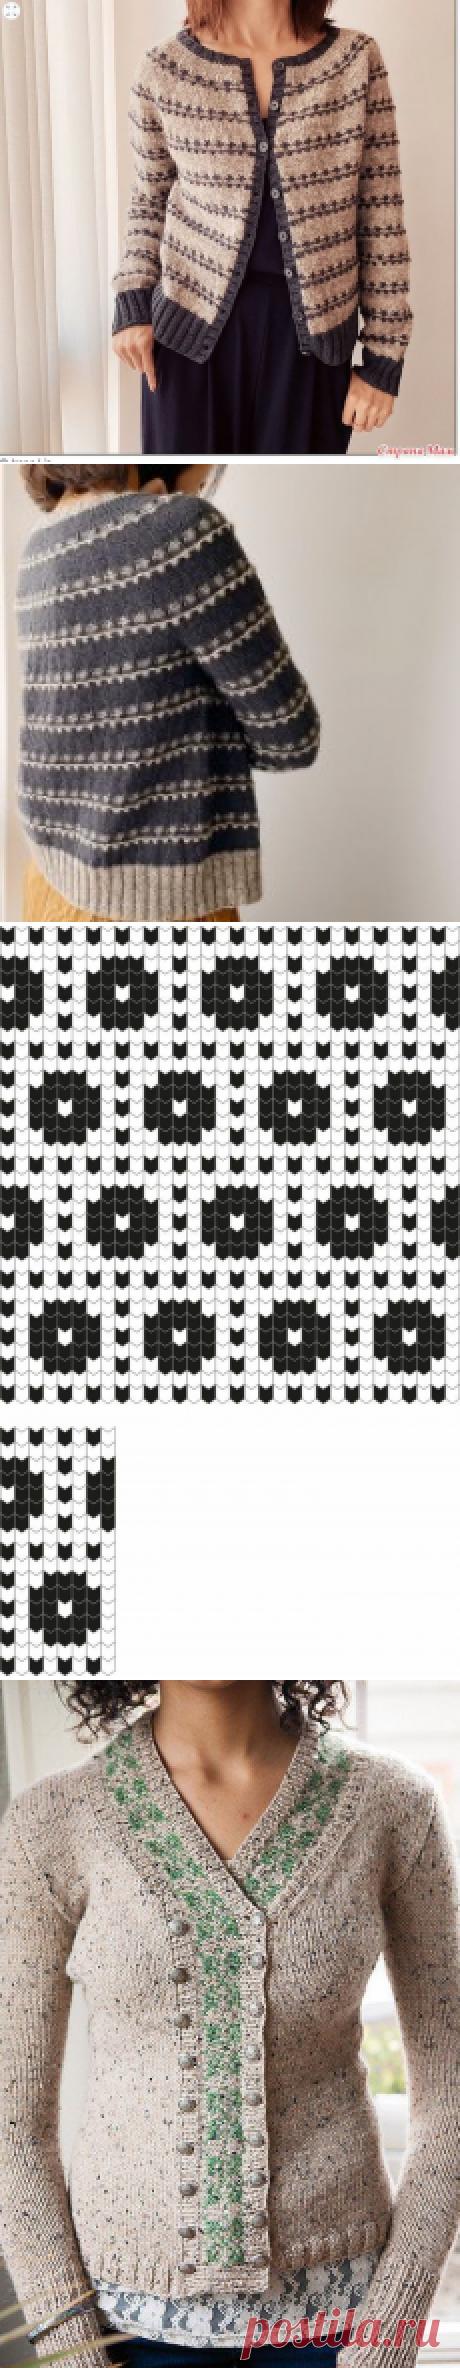 (784) Pinterest